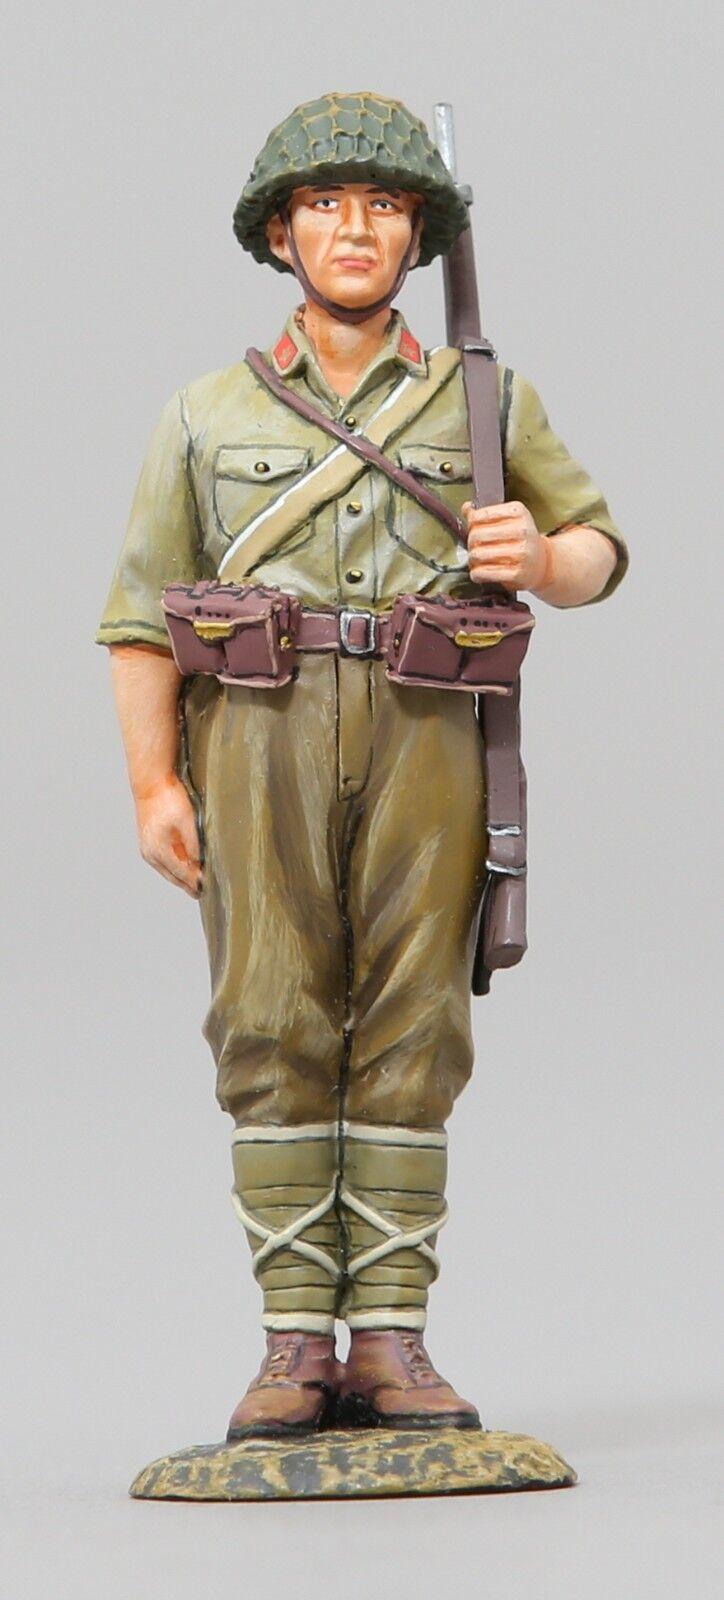 THOMAS GUNN WW2 PACIFIC RS057B JAPANESE INFANTRY MARCHING WEARING HELMET MIB